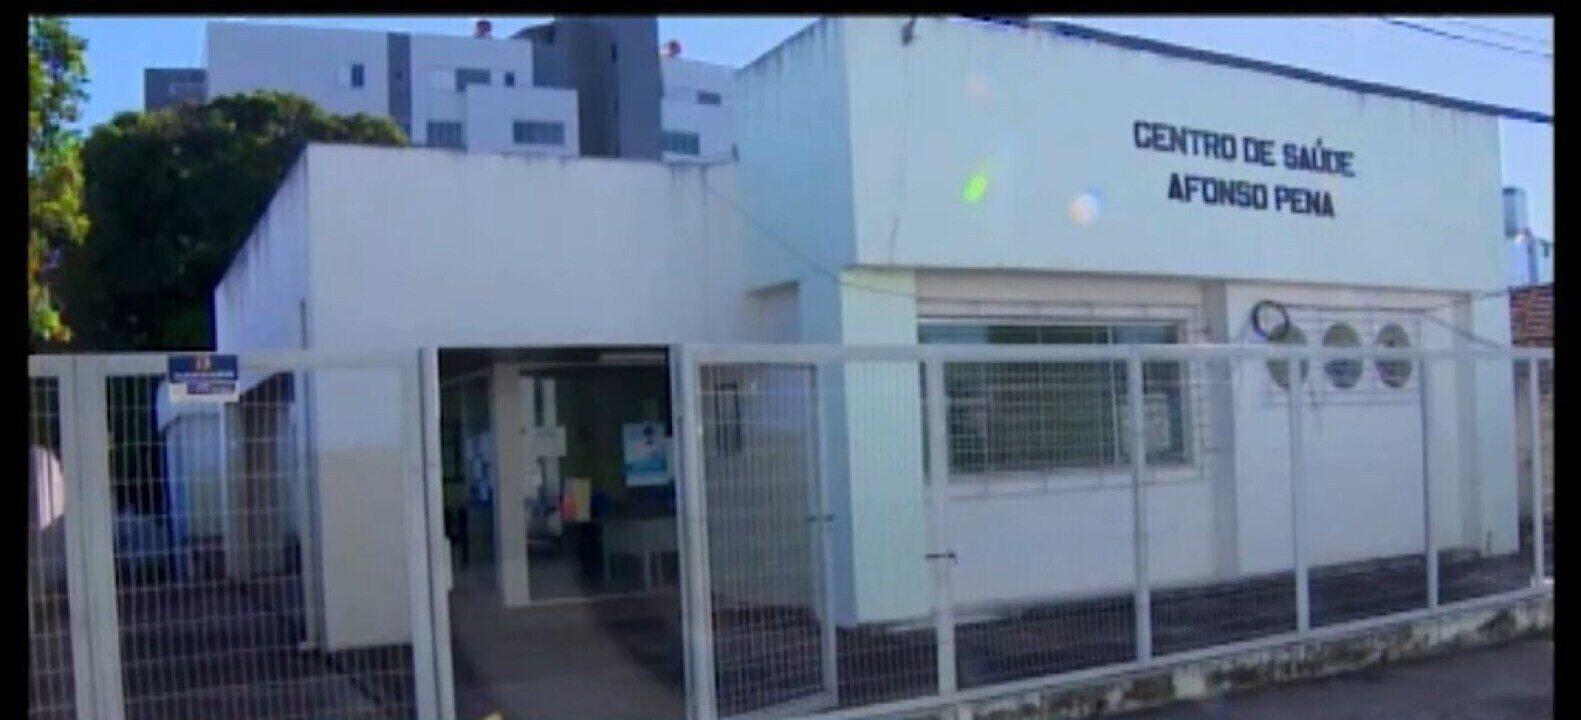 Falta de profissionais do programa 'Mais Médicos' compromete atendimento em Divinópolis